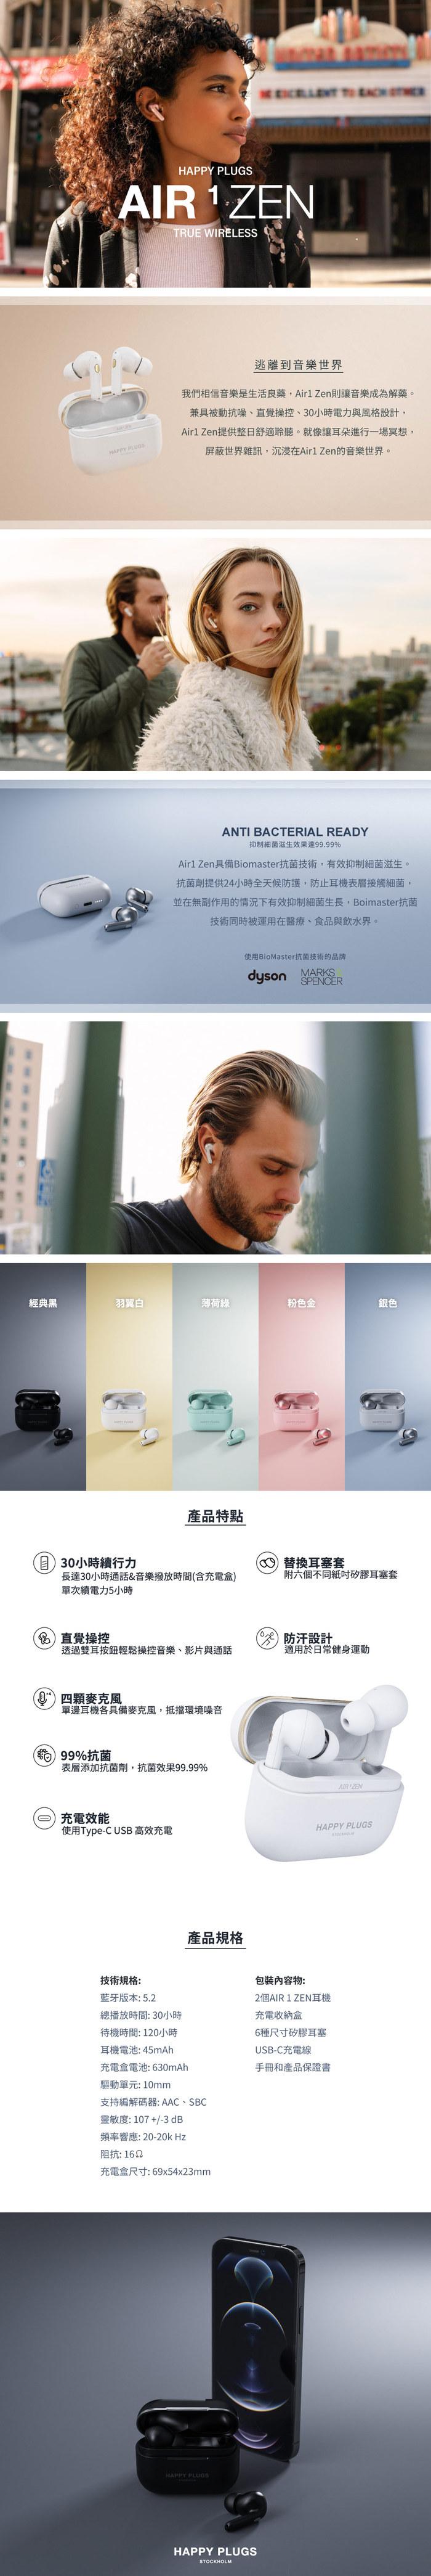 (複製)Happy Plugs Air 1 Plus Earbud 耳塞式真無線藍芽耳機-香檳金Gold